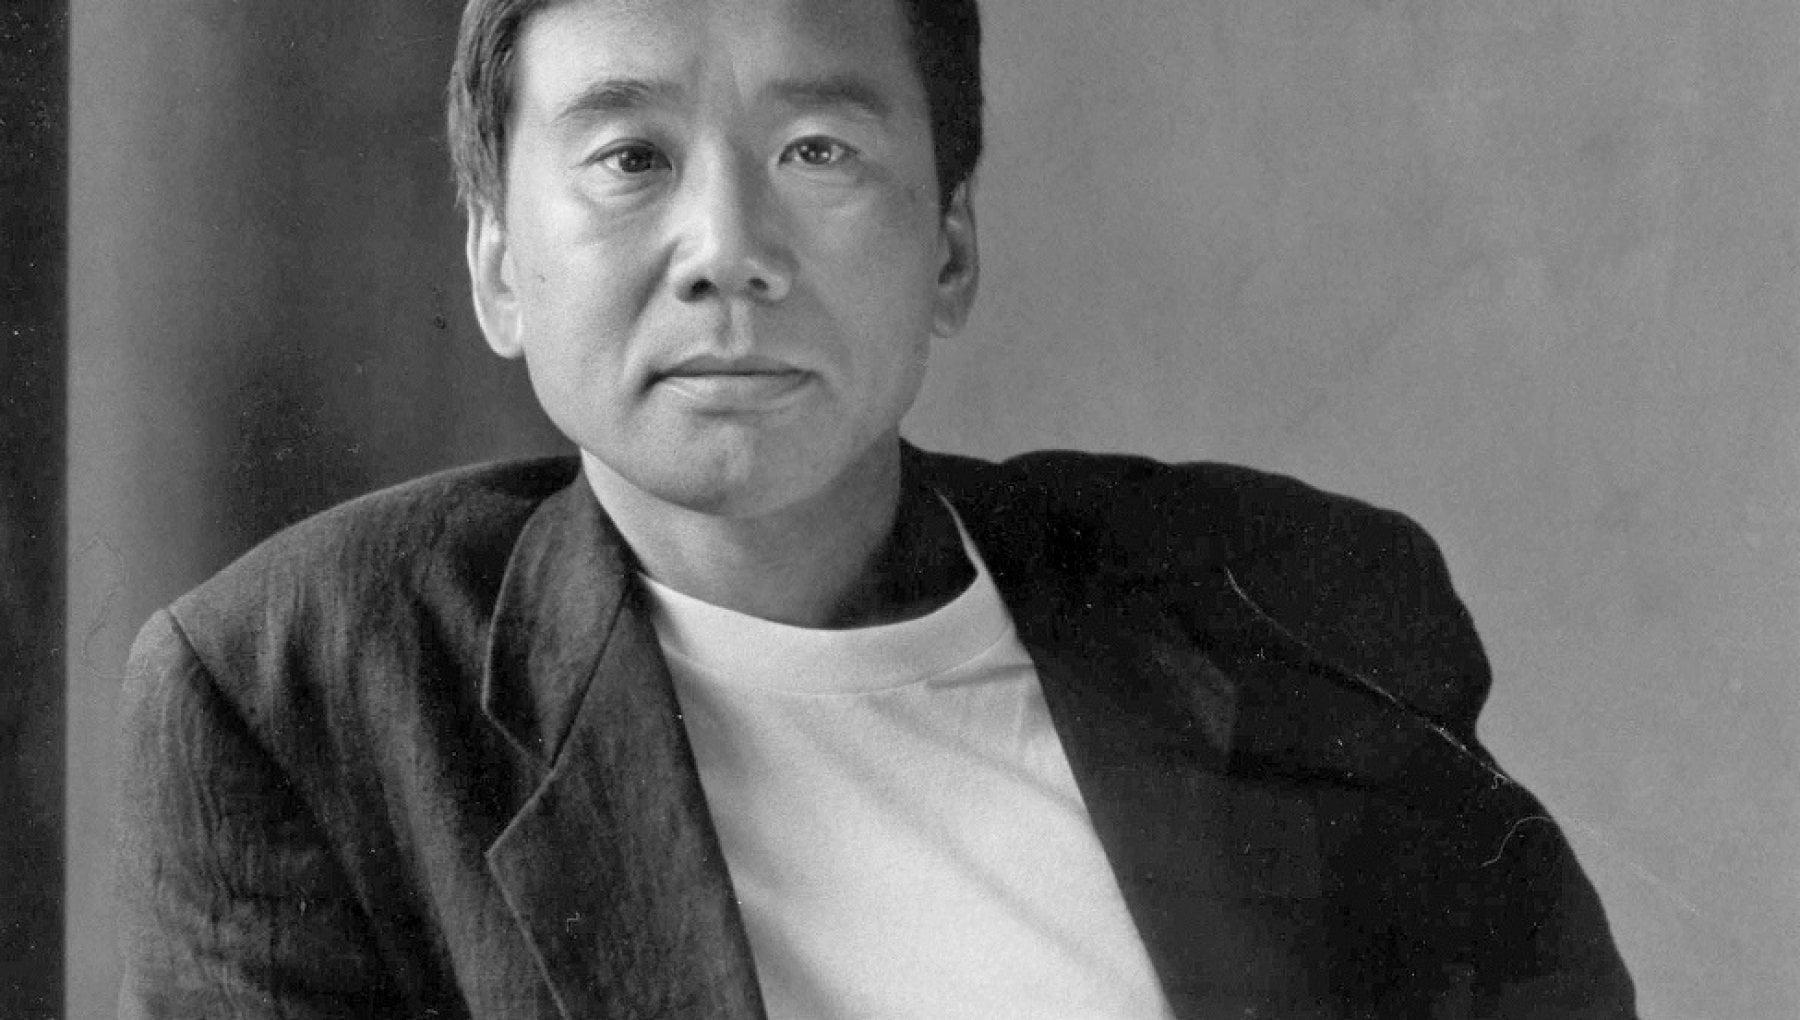 Murakami samurai contro il Covid Politici parlate chiaro